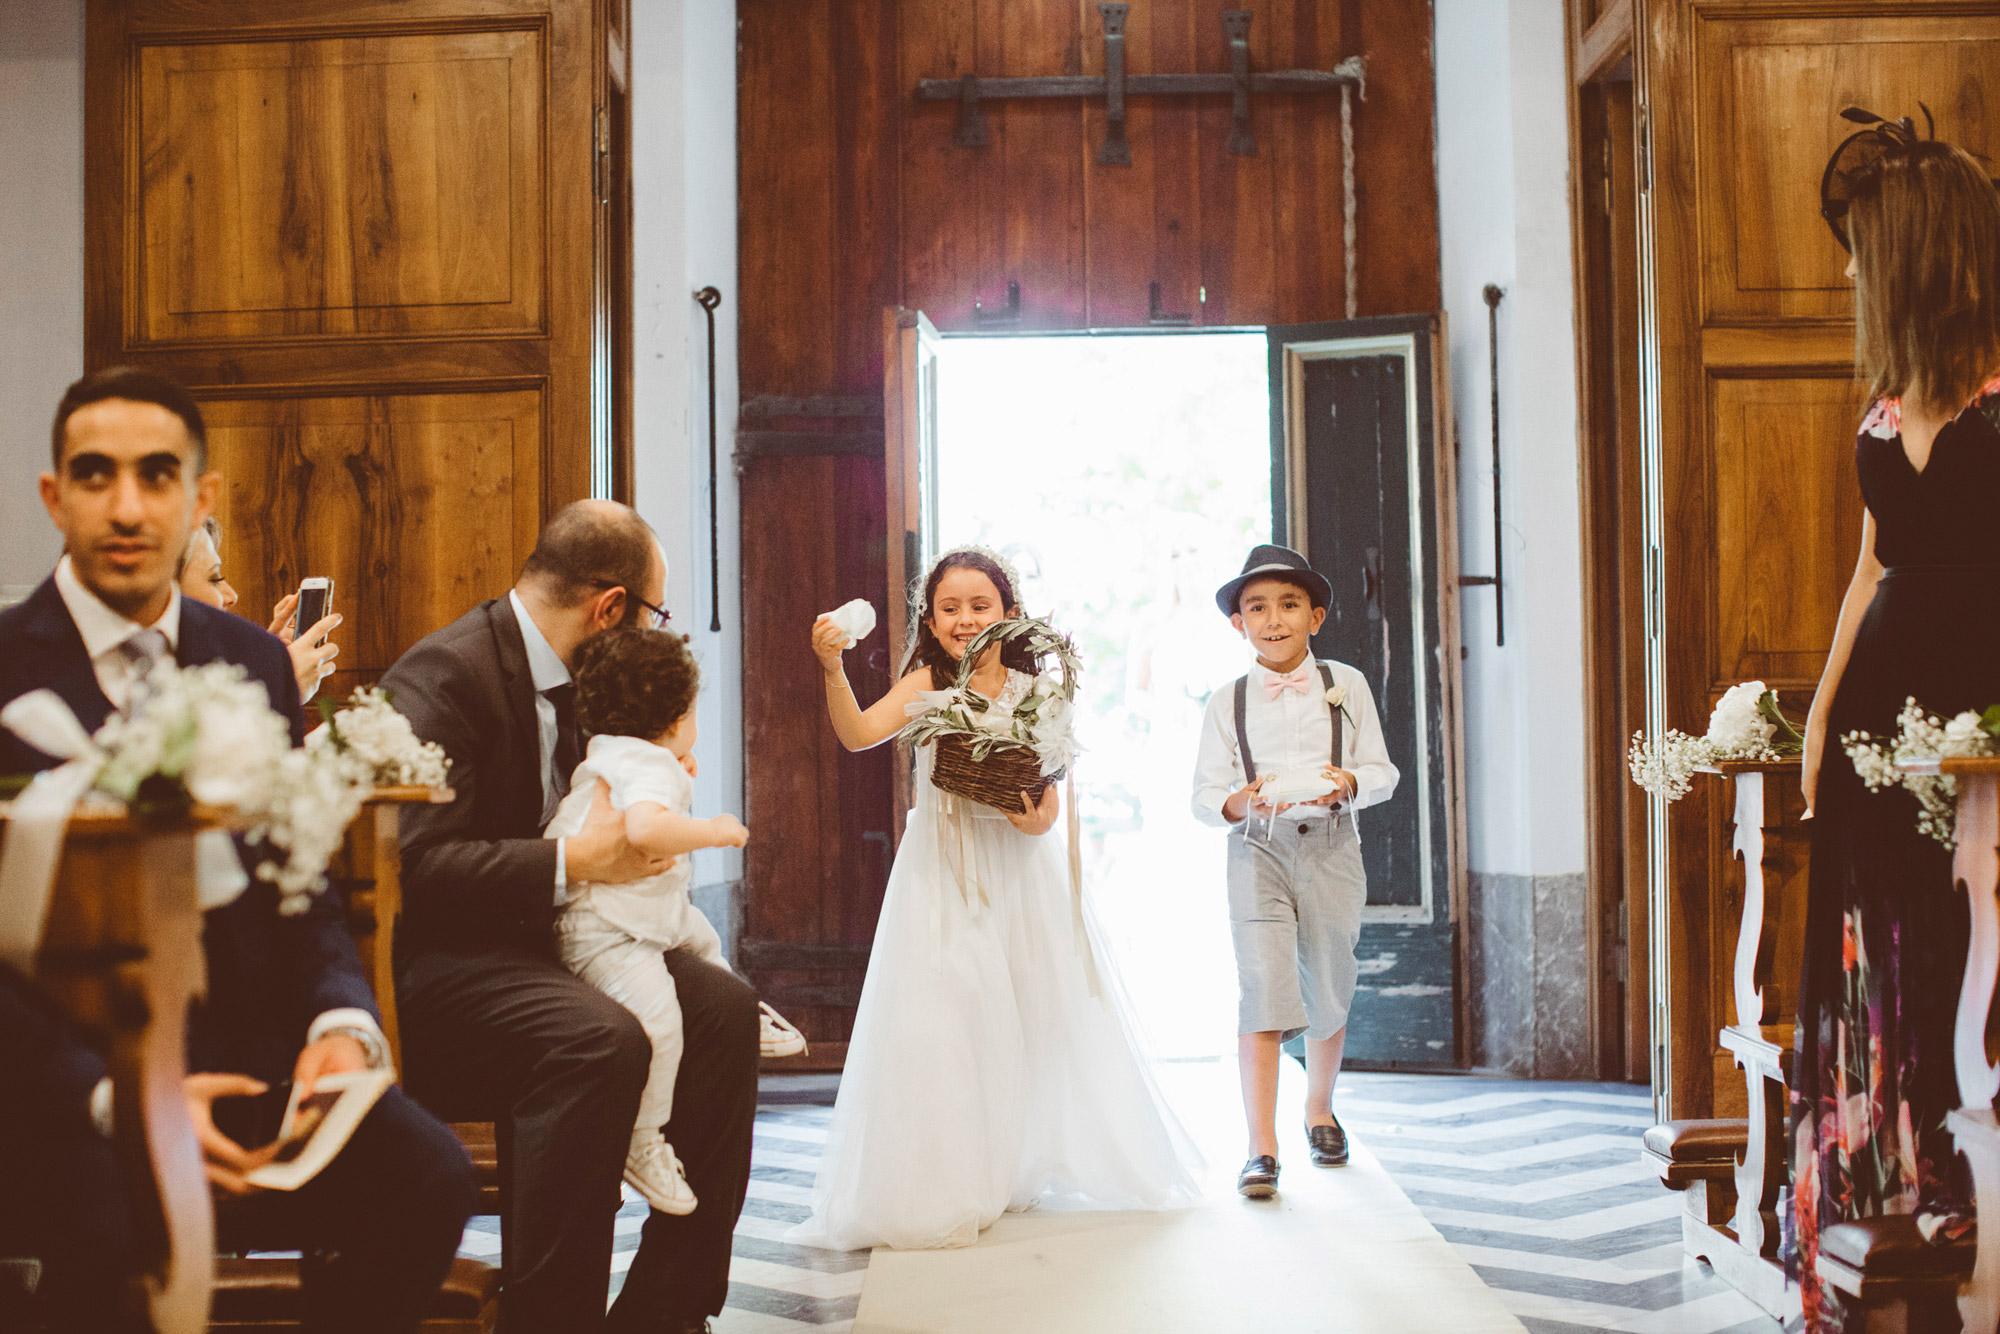 037-santamarinella-wedding-castello-odescalchi.jpg